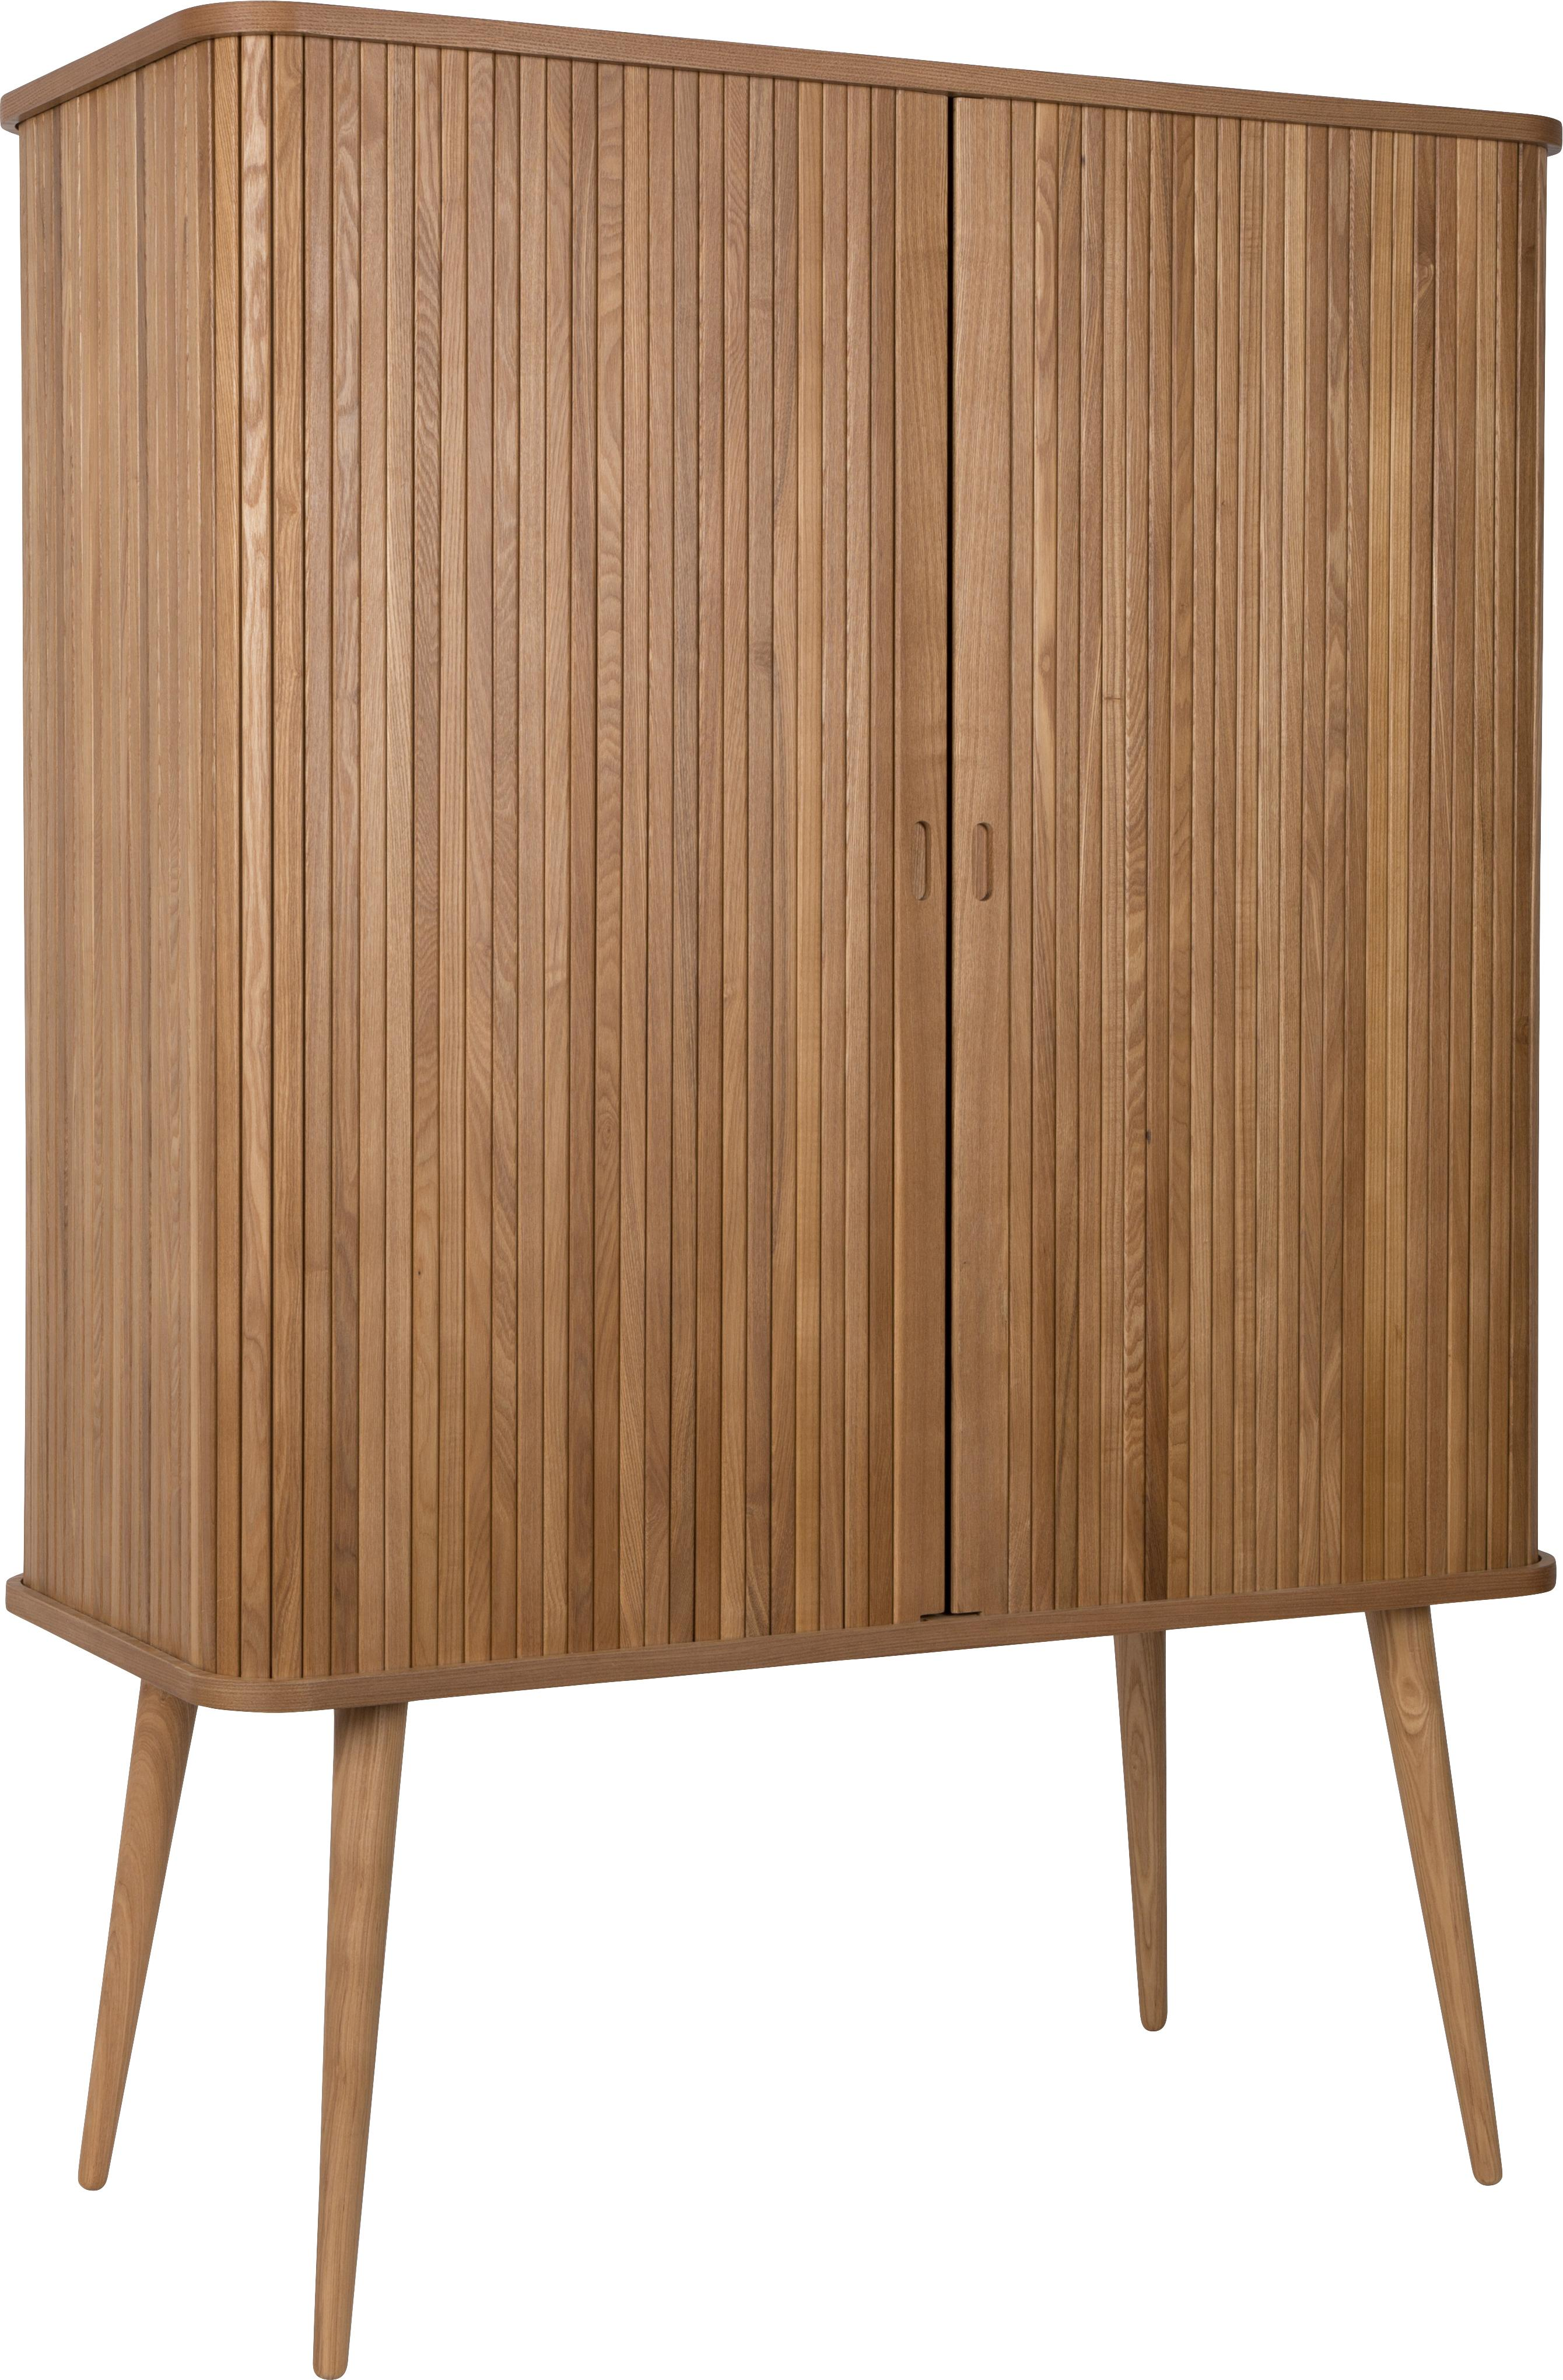 Dressoir Barbier in Retro Design, Frame: MDF, essenhoutfineer, Frame: bruin. Schuifdeuren: essenhoutkleurig. Planken: transparant, 100 x 140 cm